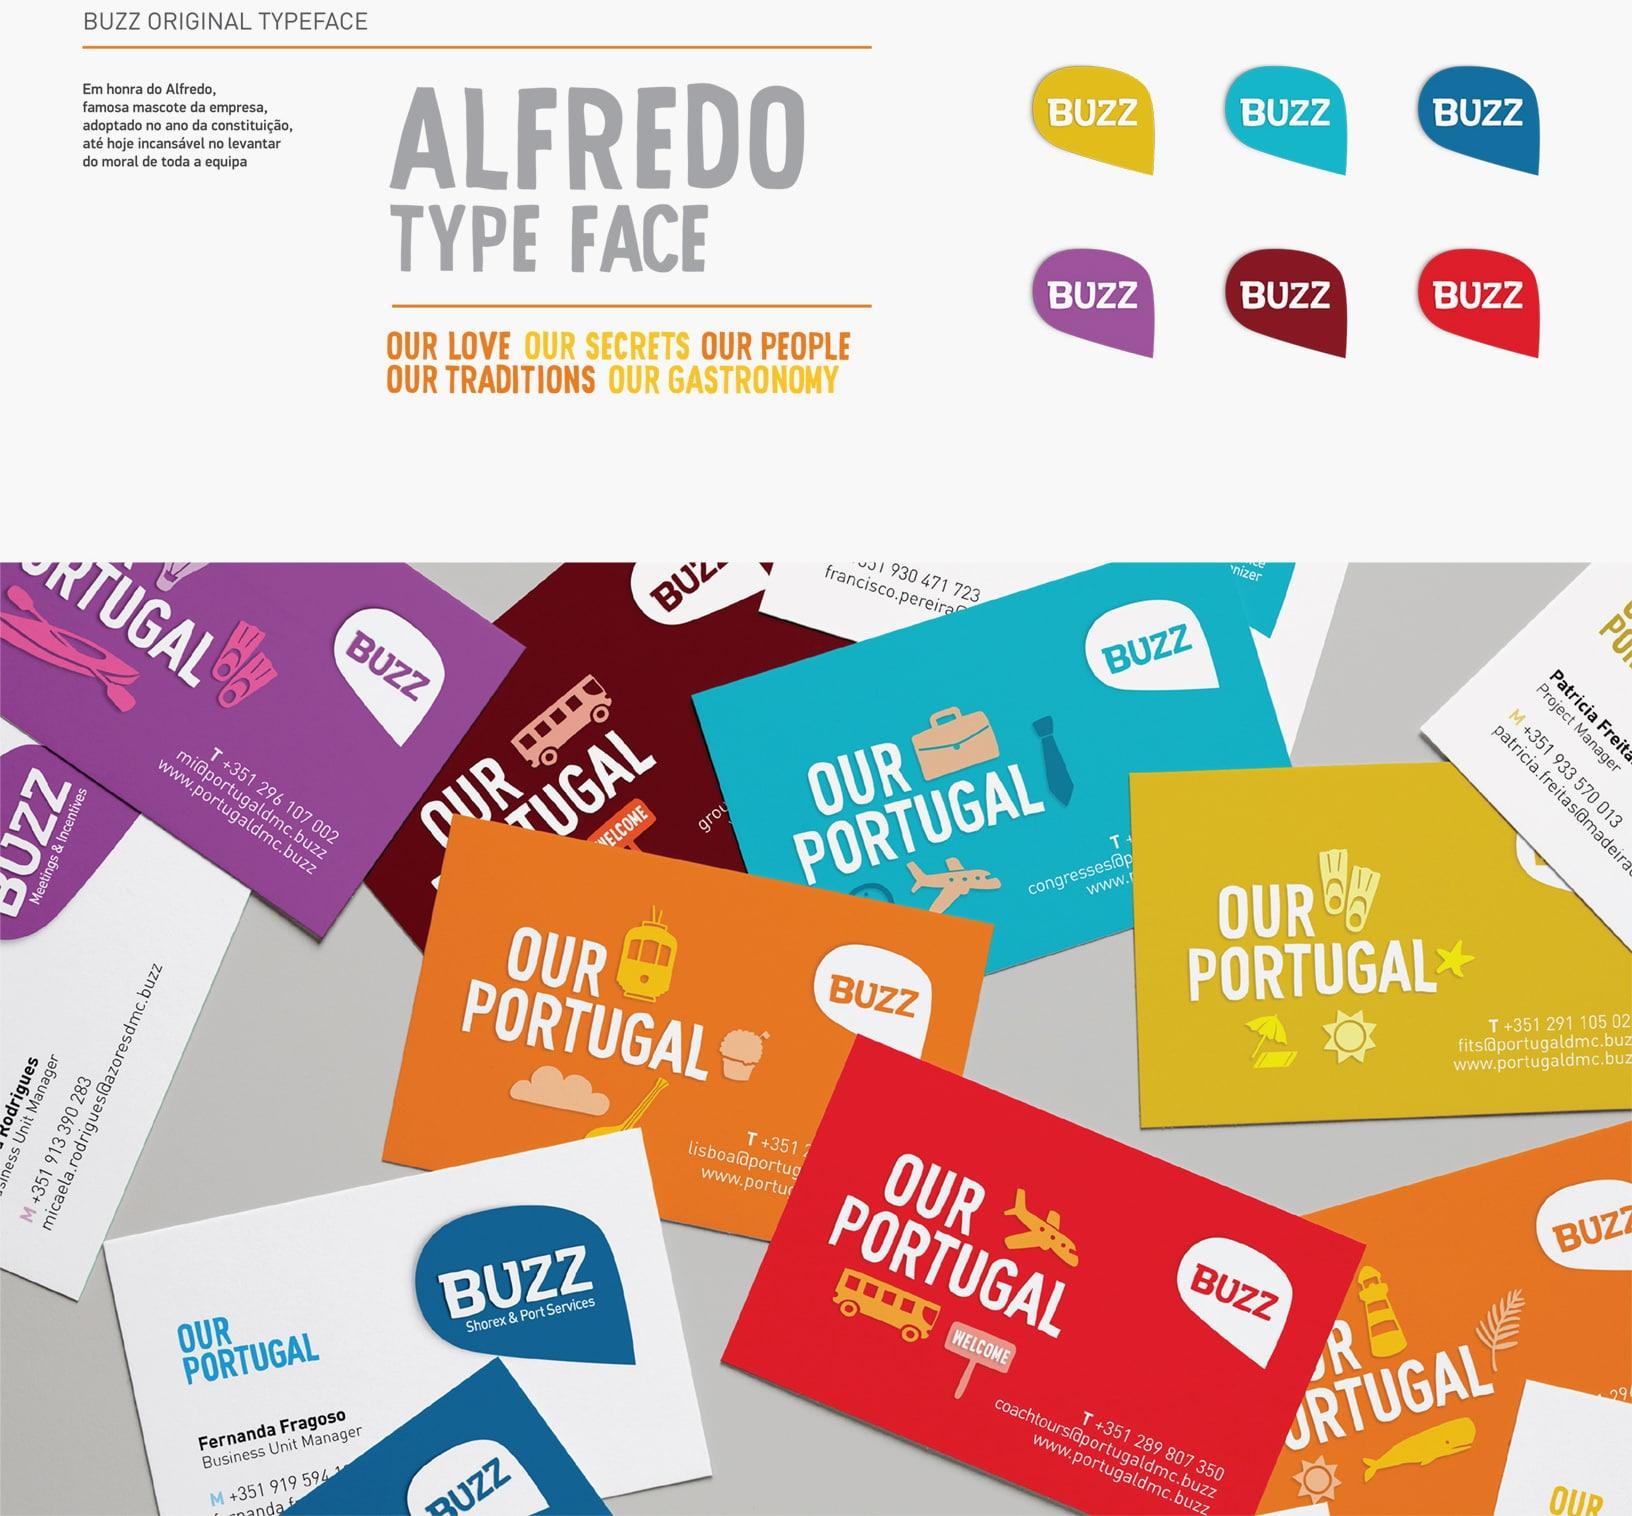 Projeto de branding para buzz, cartões de visita e tipografia